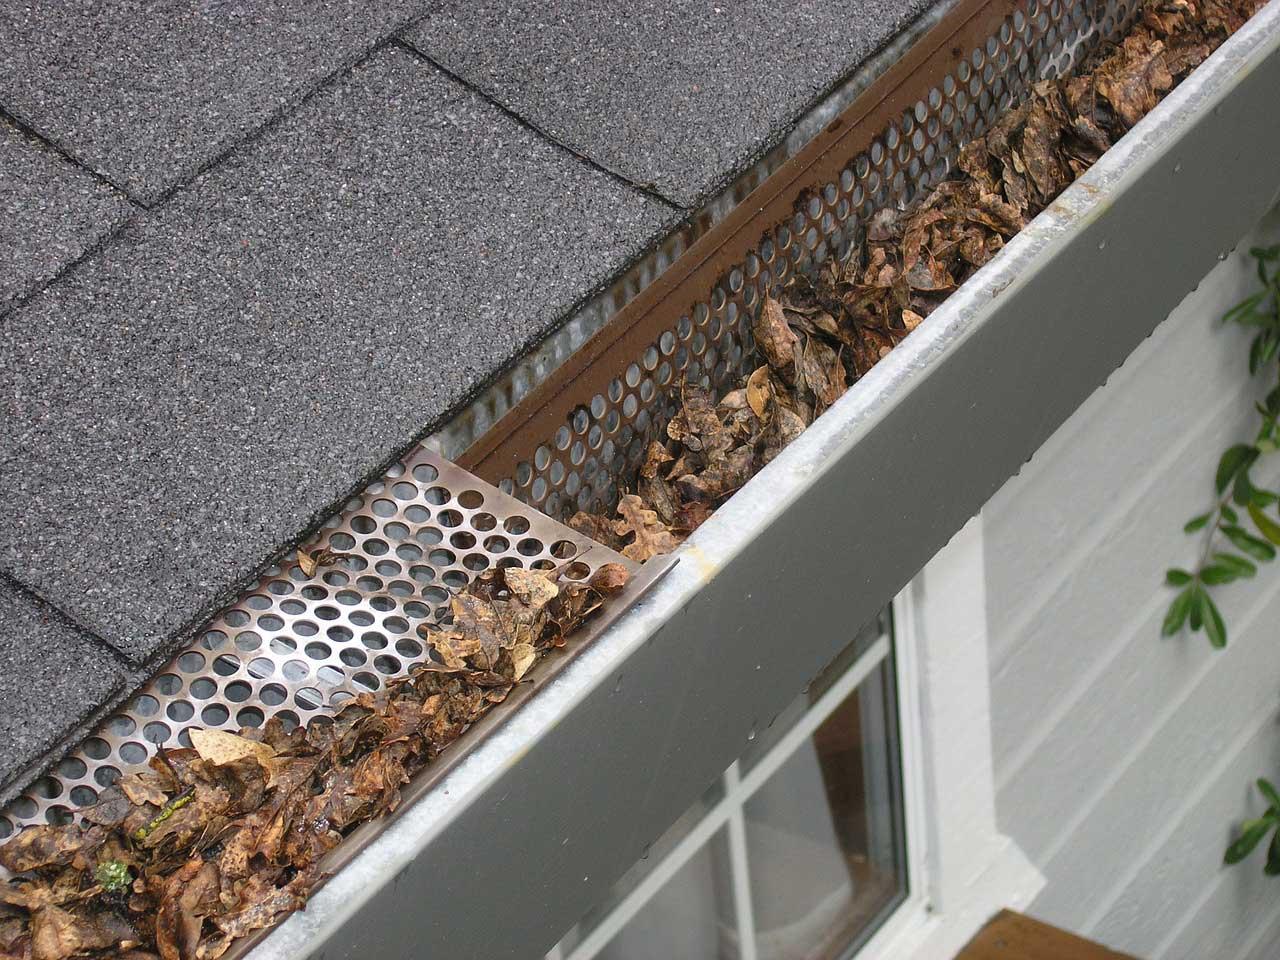 laubschutzgitter regenrinne - laubschutz für dachrinne und fallrohr